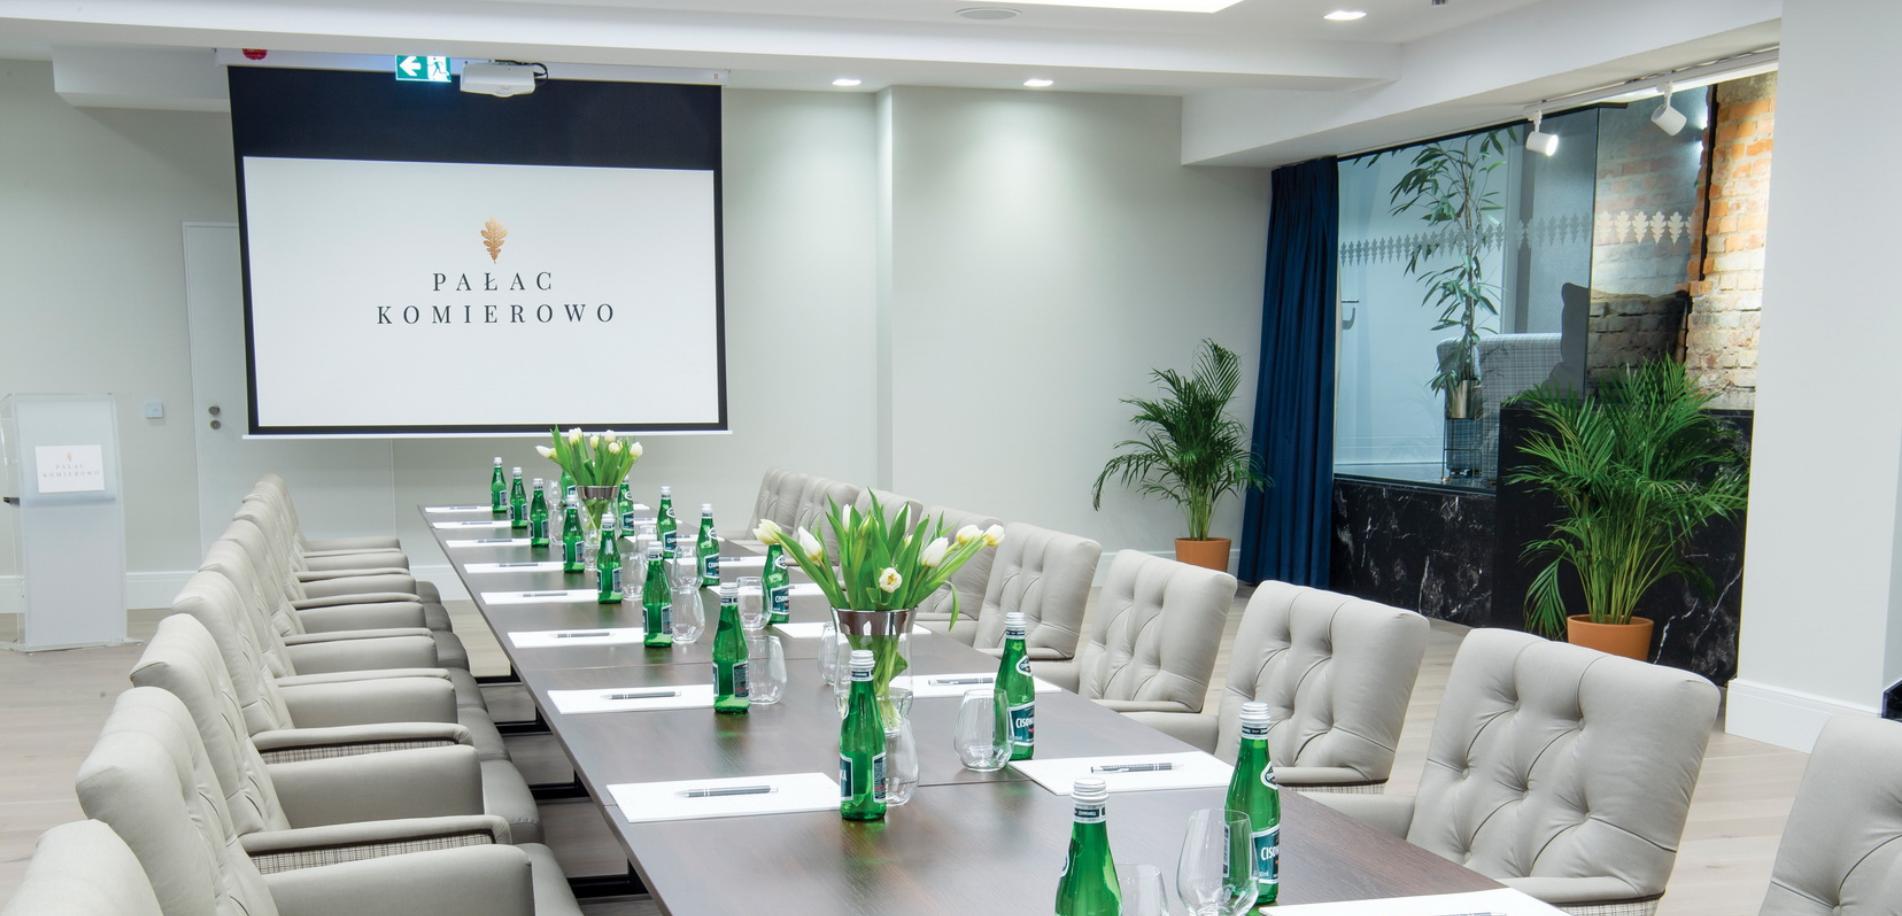 kameralna sala na wyjazd integracyjny lub spotkanie biznesowe - Pałac Komierowo